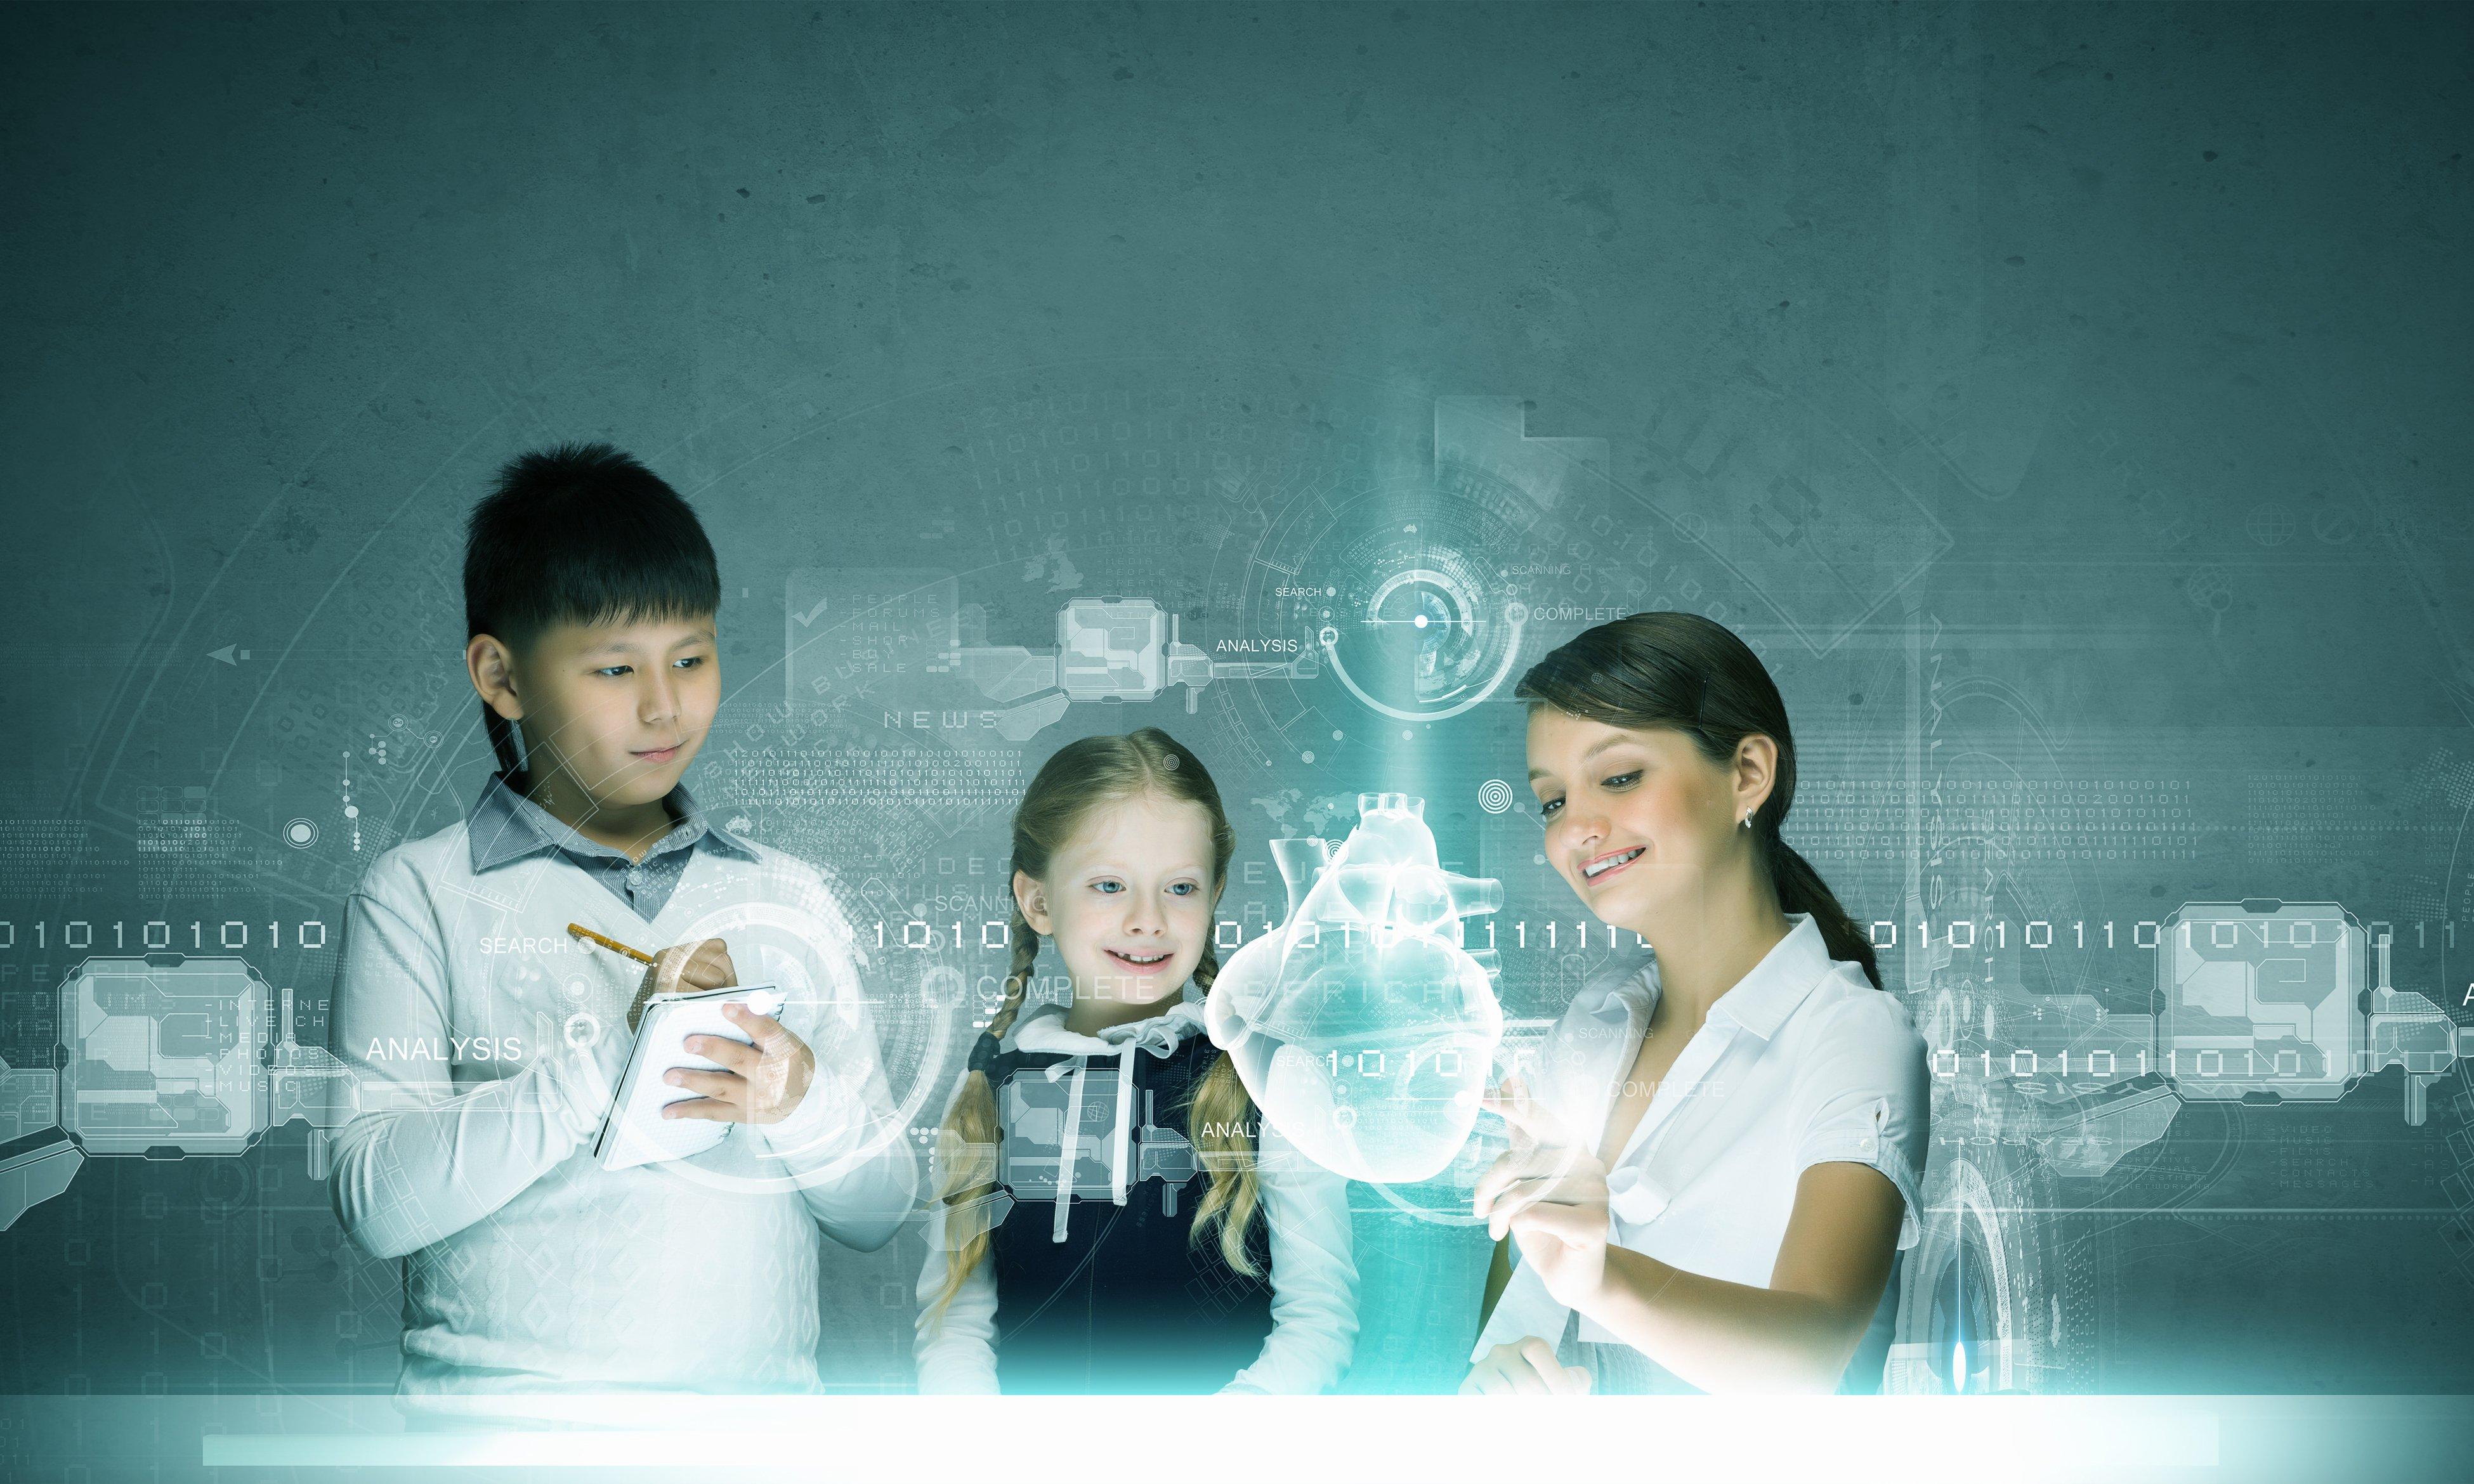 nuevas tecnologías en la educaciónLa tecnología está omnipresente en nuestras vidas y esta tendencia no parece que vaya a recular. Pantallas interactivas como tablets o móviles, casas inteligentes, asistentes virtuales… el desarrollo tecnológico está destinado a mejorar nuestras vidas pero… ¿qué pasa en el sector educativo?